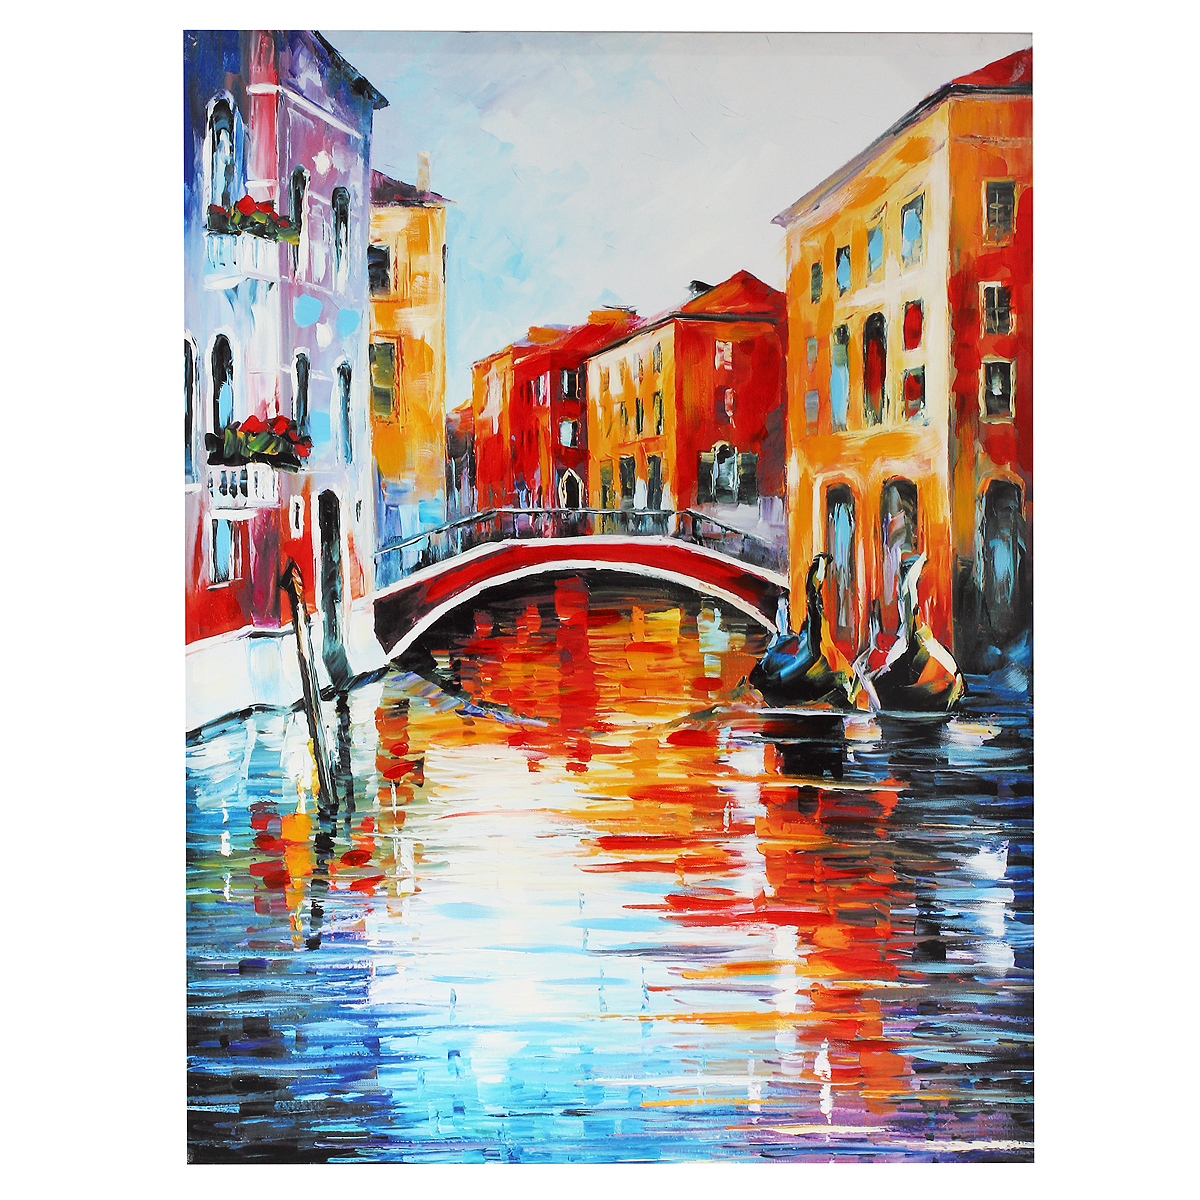 Картина-репродукция на холсте Венеция, без рамки, 80 х 60 см 3601397678Картина-репродукция Венеция, выполненная на деревянном подрамнике и холсте масляной печатью с ручной подрисовкой, дополнит интерьер любого помещения, а также может стать изысканным подарком для ваших друзей и близких. На картине изображен венецианский канал с гондолами. Благодаря оригинальному дизайну картина может использоваться для оформления любых интерьеров: гостиной, спальни, кухни, прихожей, детской или офиса. Изделие оснащено отверстием для подвешивания на стену. Такая картина - вдохновляющее декоративное решение, привносящее в интерьер нотки творчества и изысканности!